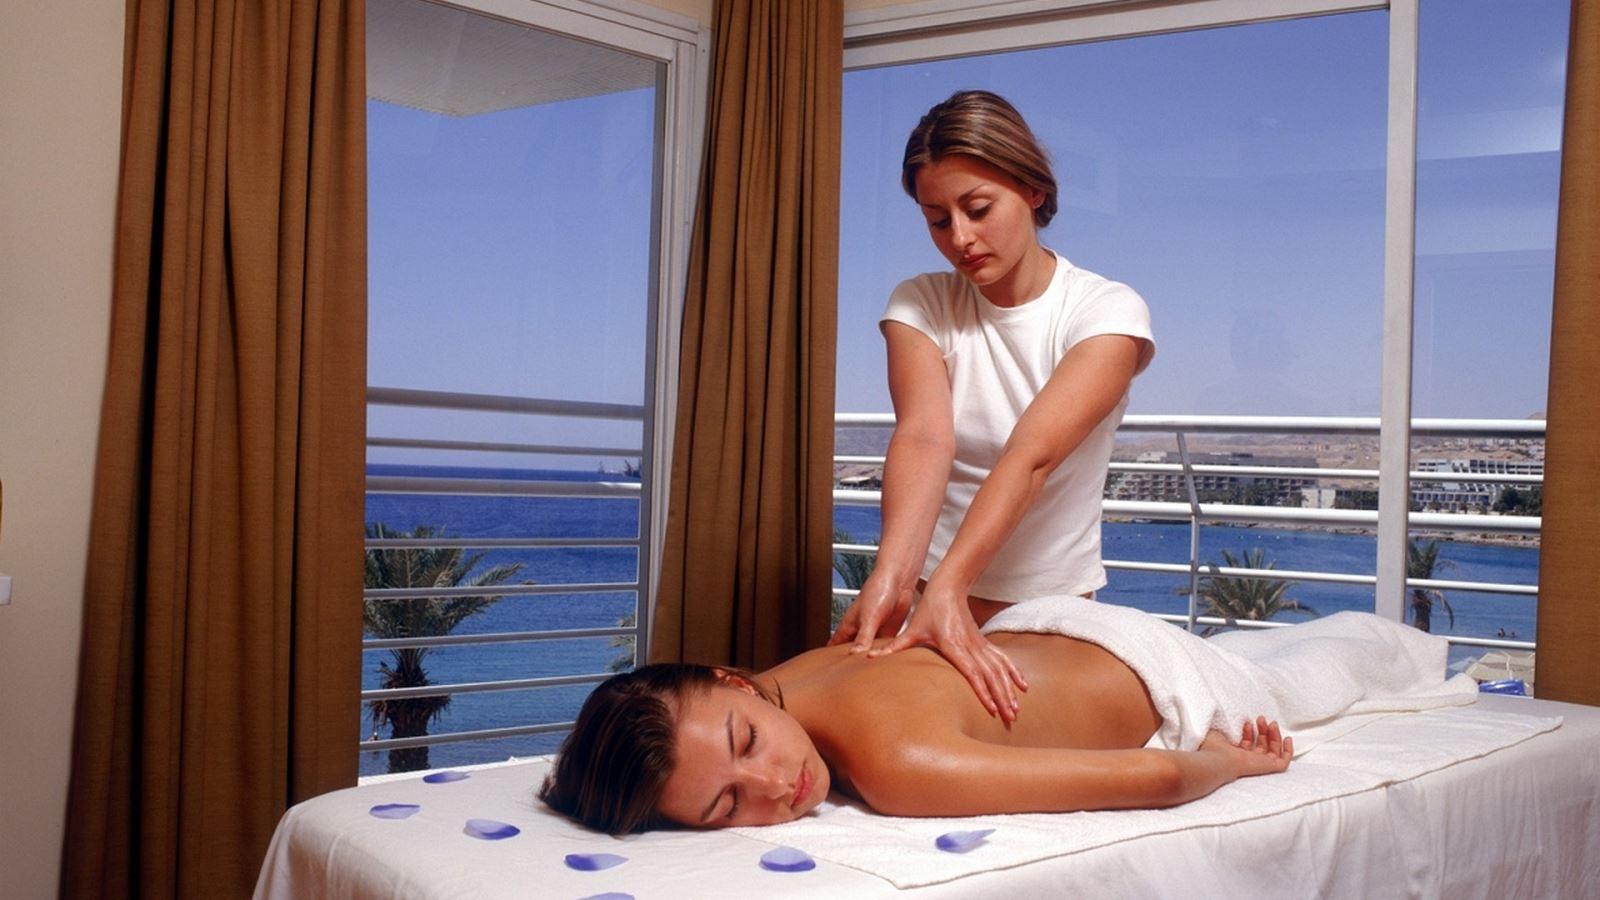 מזמינים חופשה במלון לאונרדו פלאזה אילת ונהנים מ-50% הנחה וממיקום מושלם על שפת הים!